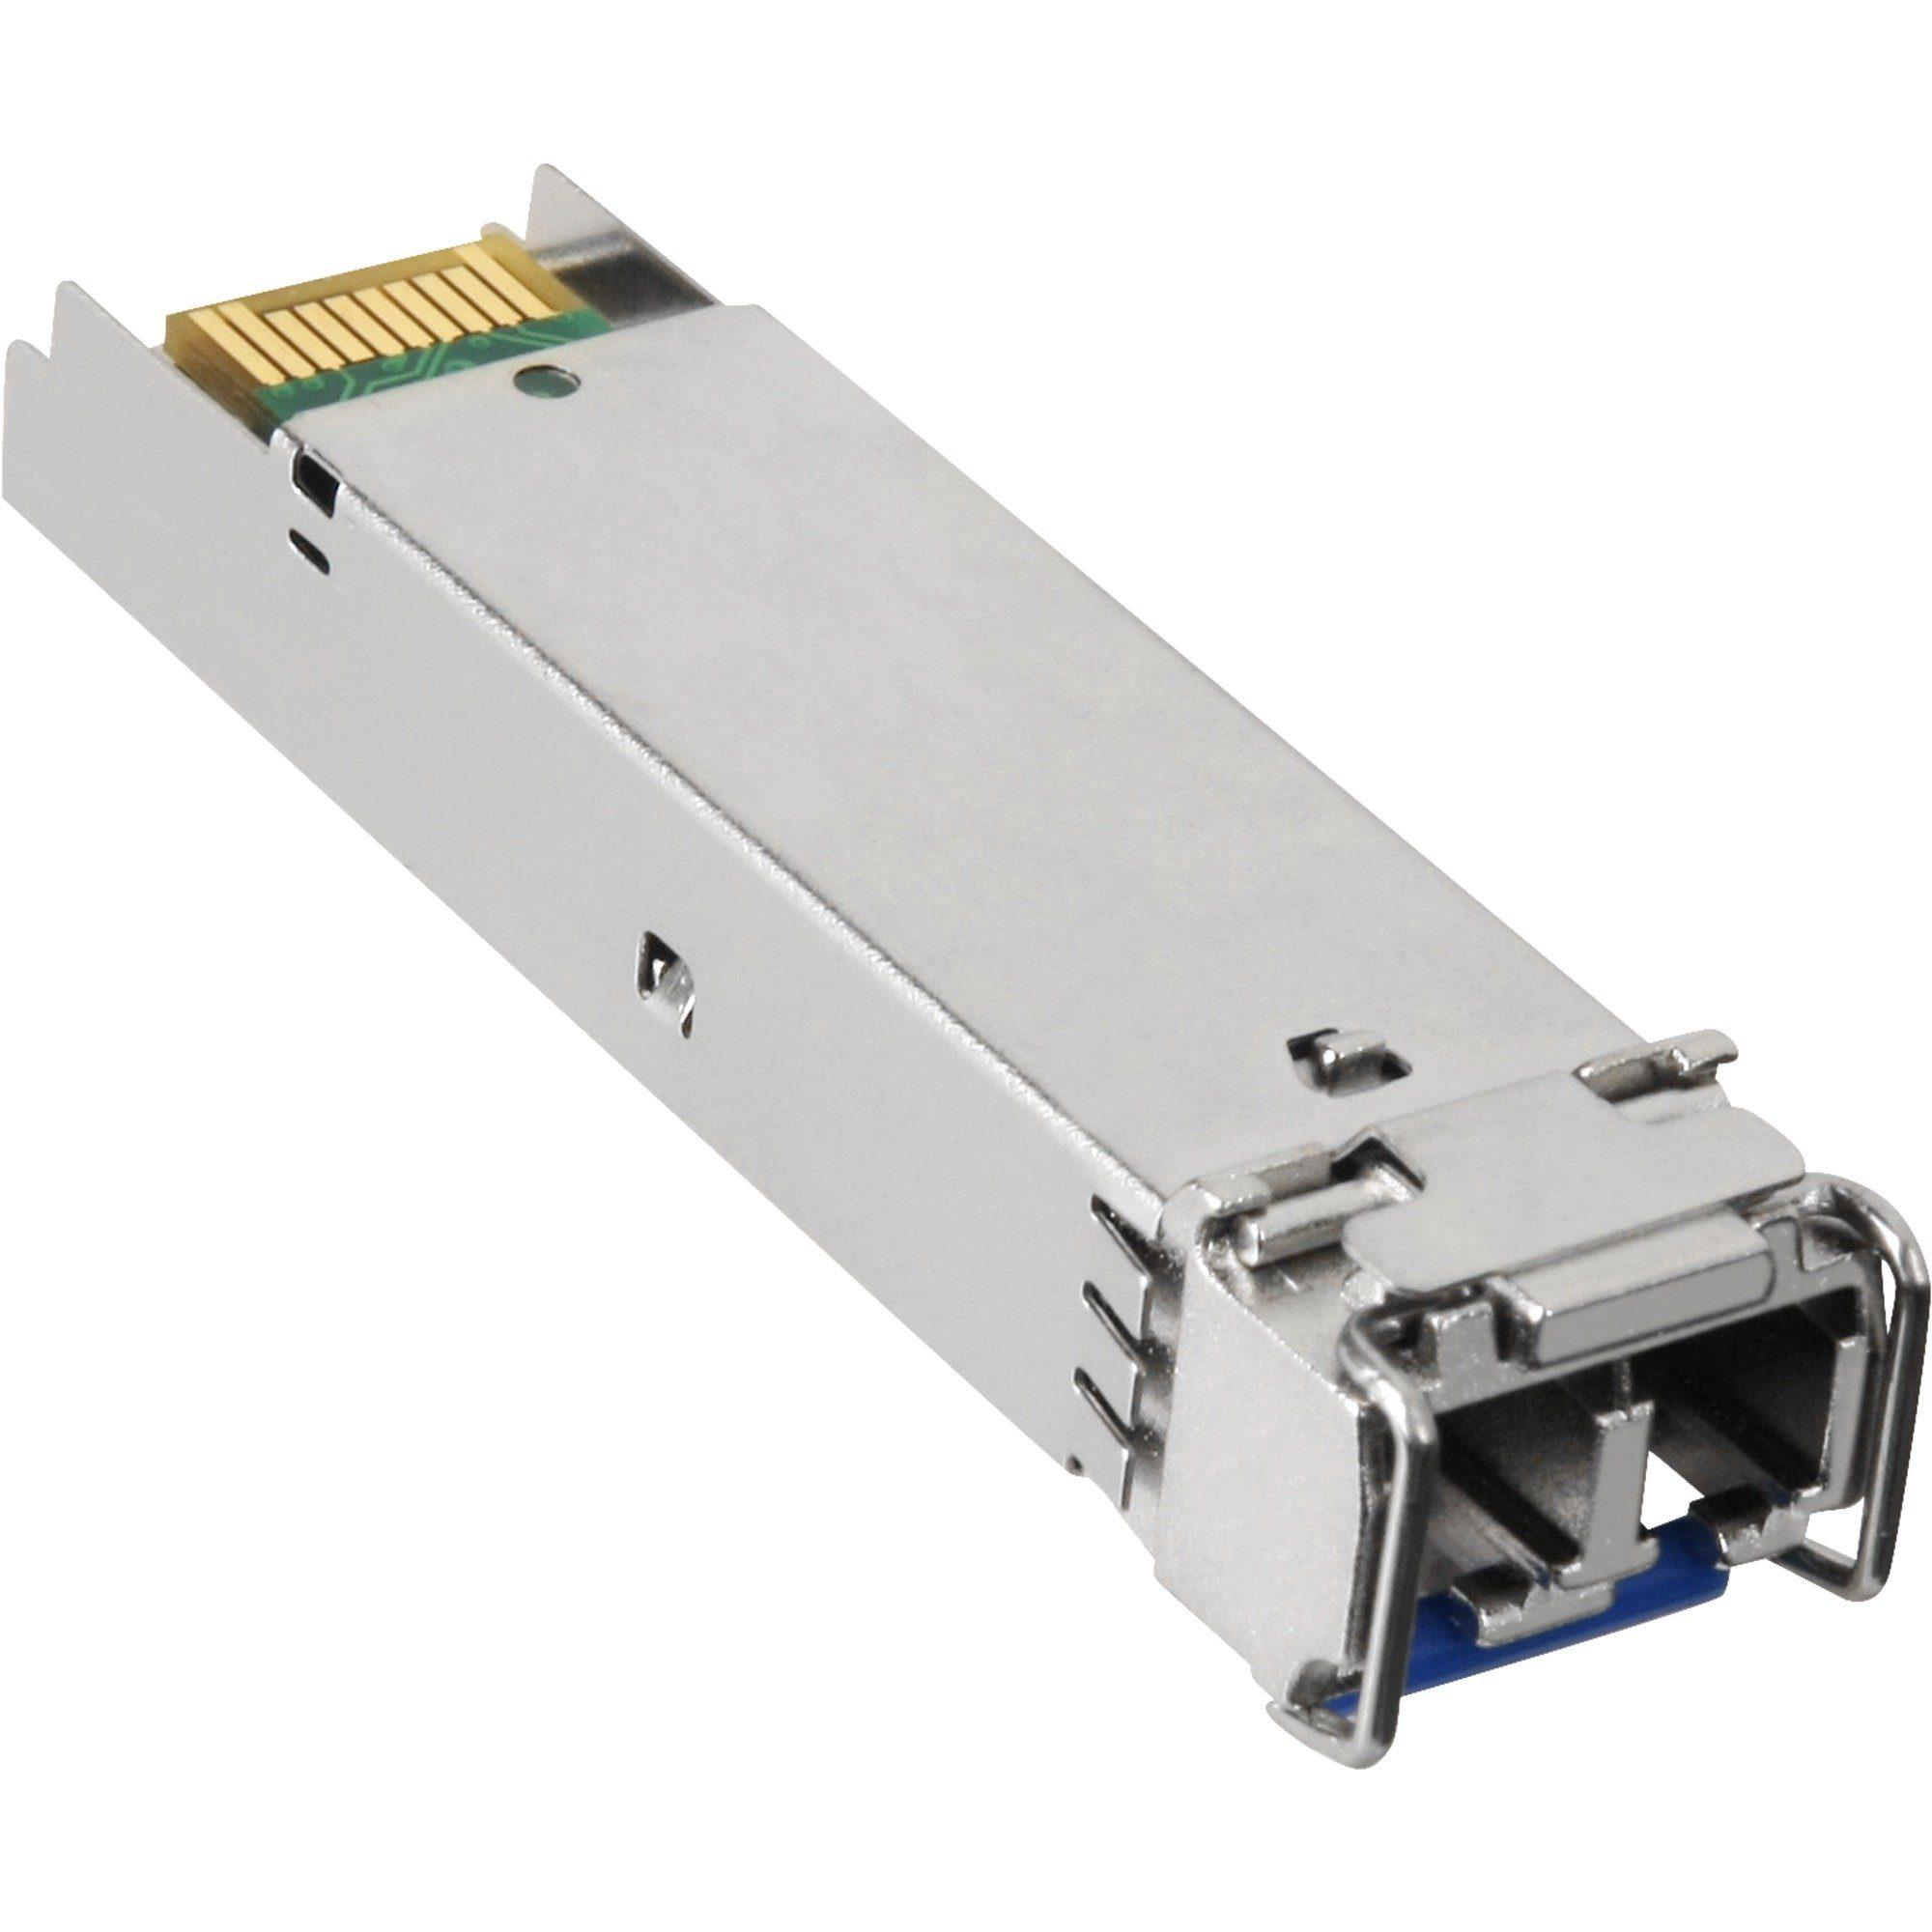 Hewlett-Packard Transceiver »X121 1 GBit LC LX SFP-Transceiver«